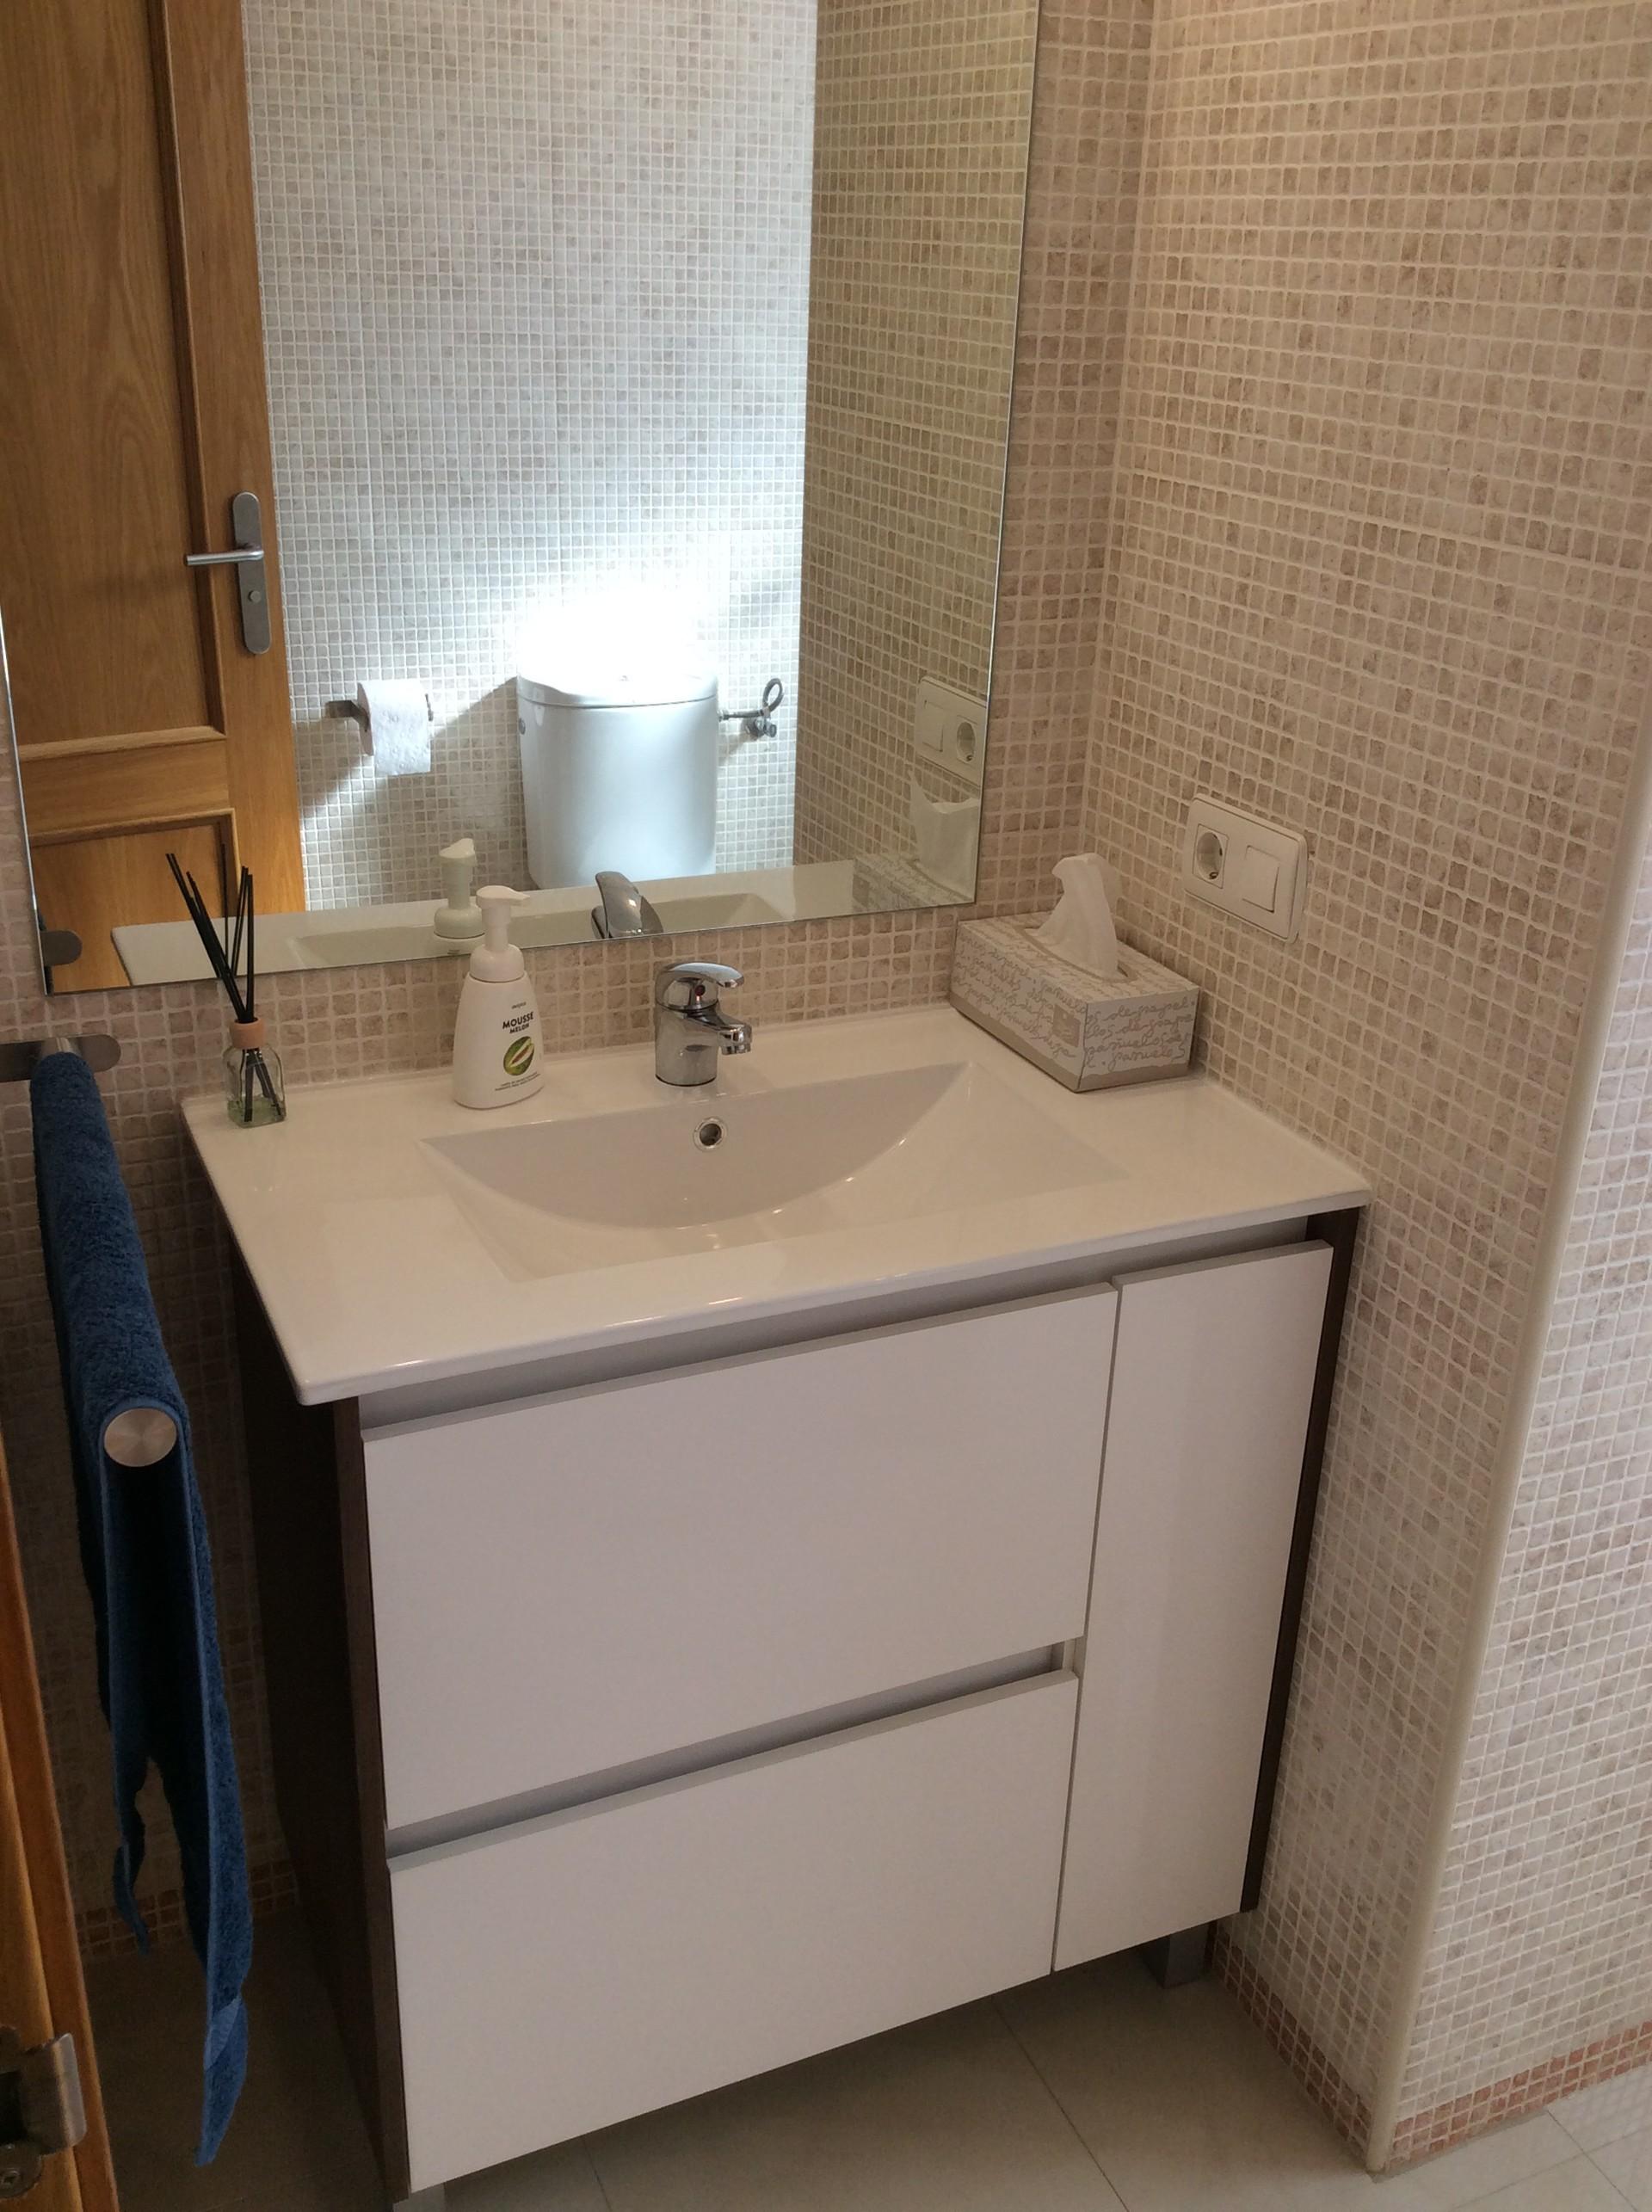 Habitación individual lujo y cuarto de baño completo en apartamento  residencial céntrico.